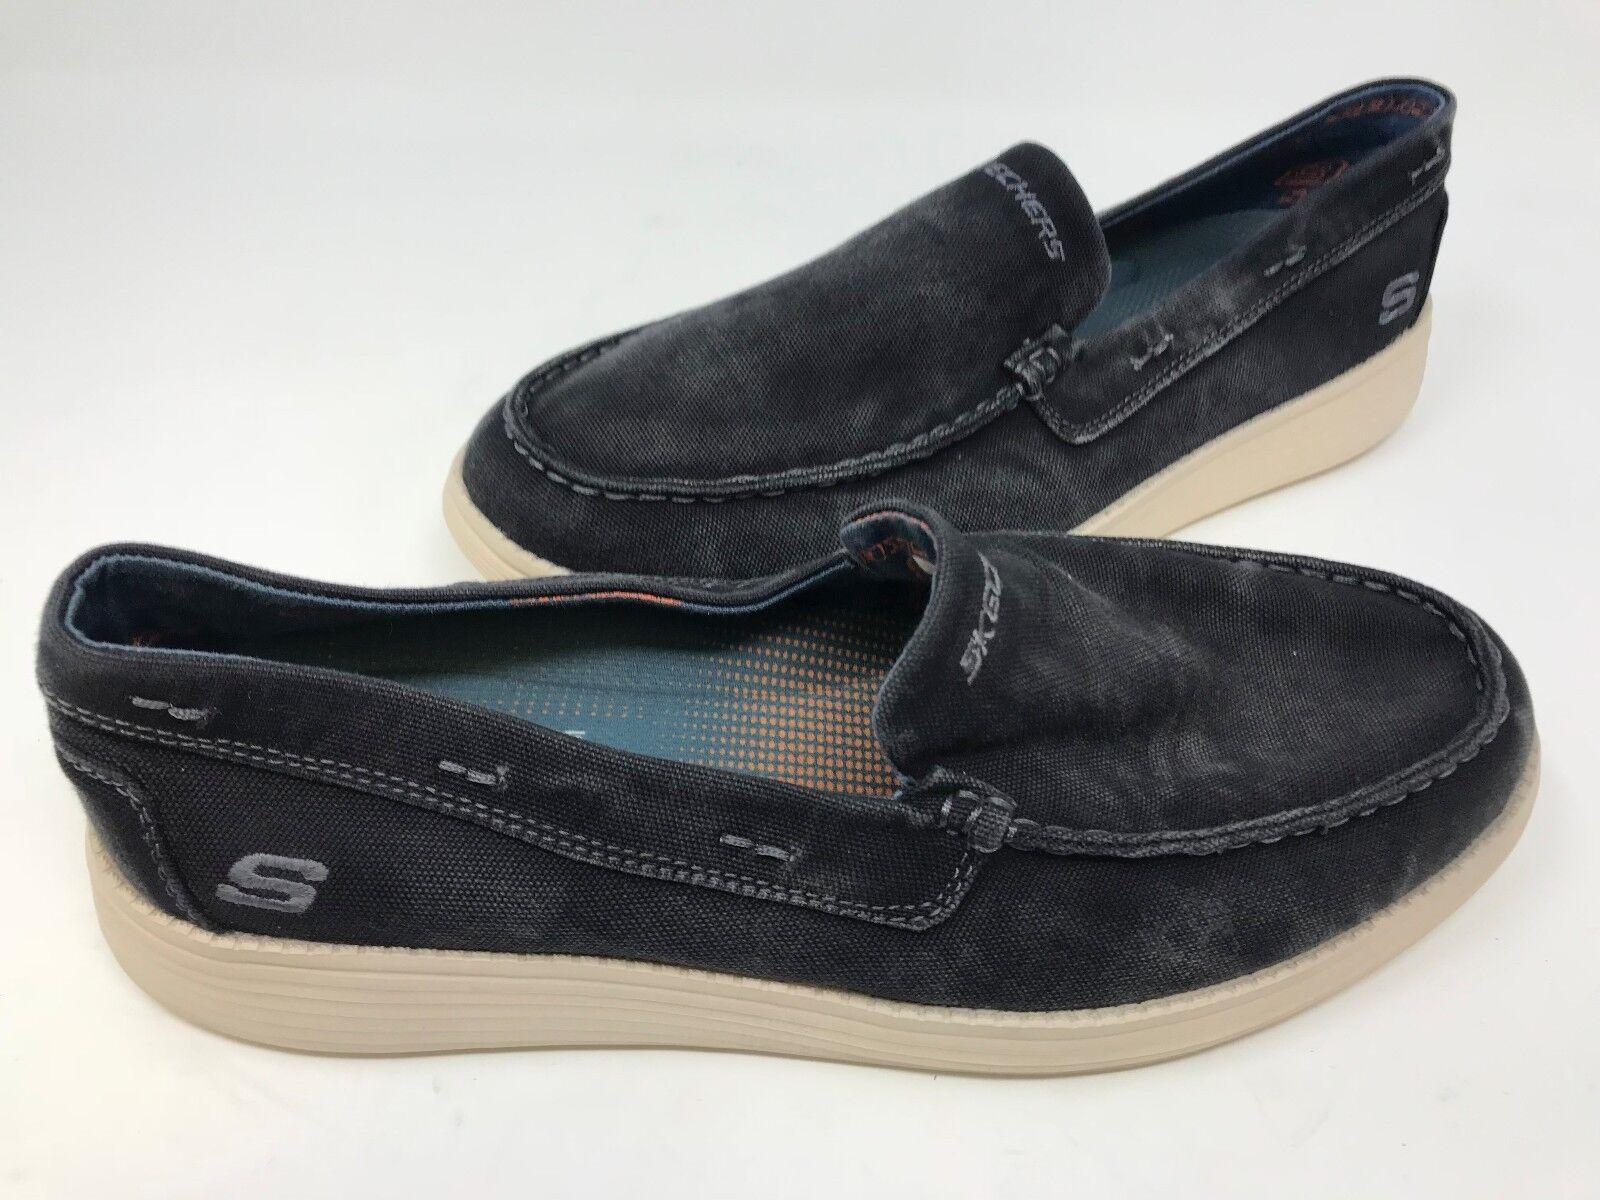 online store df473 9b72d nouveau!le statut de chaussures de de de ramino sketchers hommes noirs t3  az 8b2914